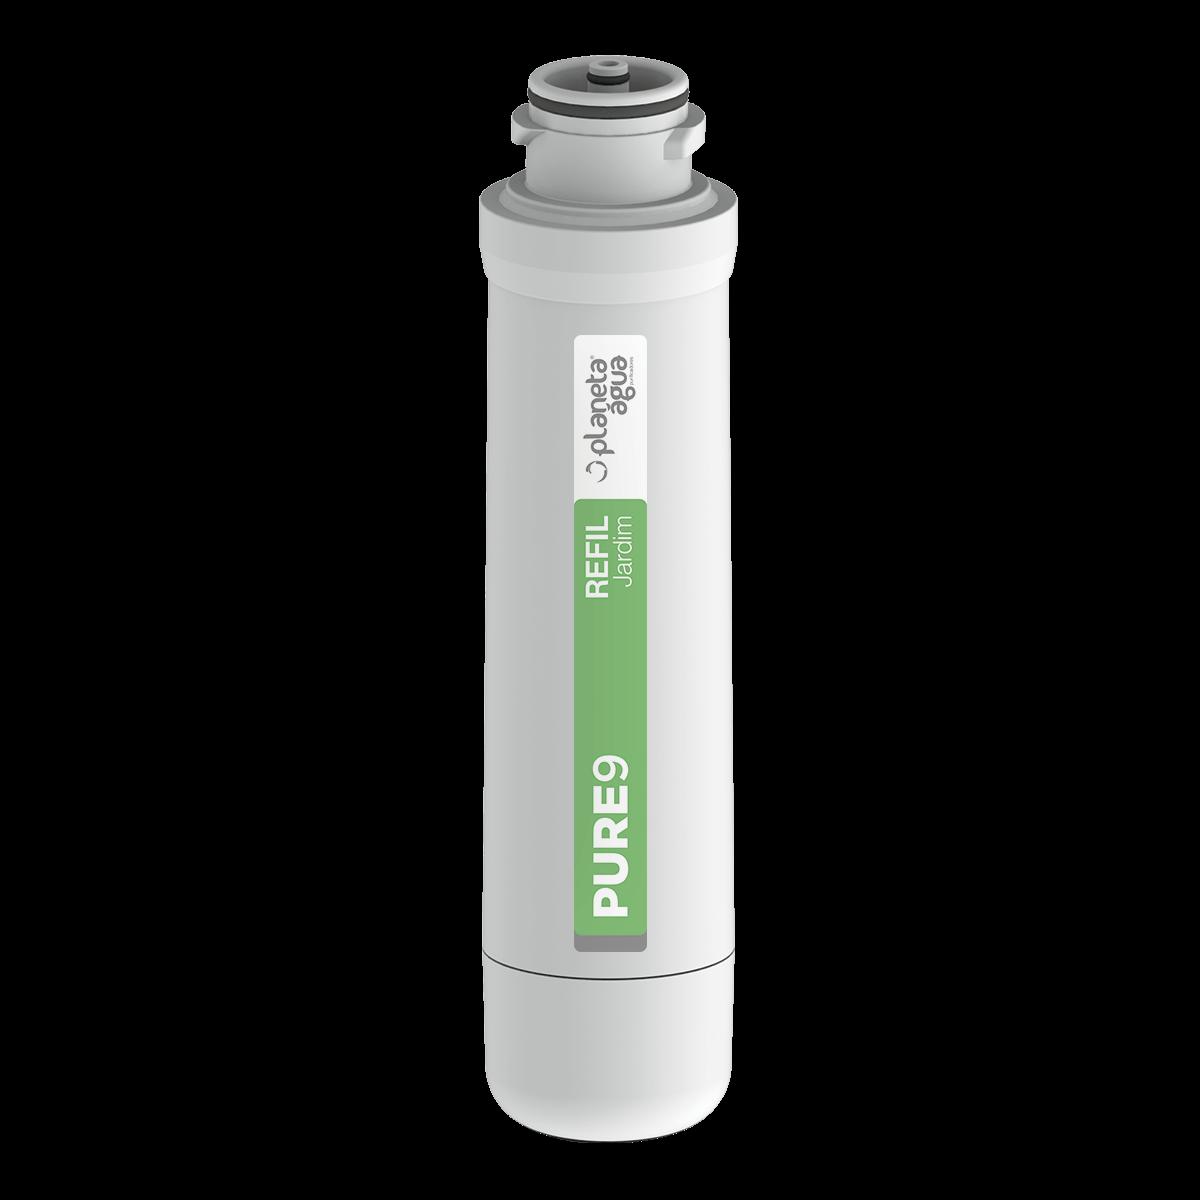 Refil Filtro Purificador De Água Planeta Água Pure9 Jardim  - DOTEC SHOP